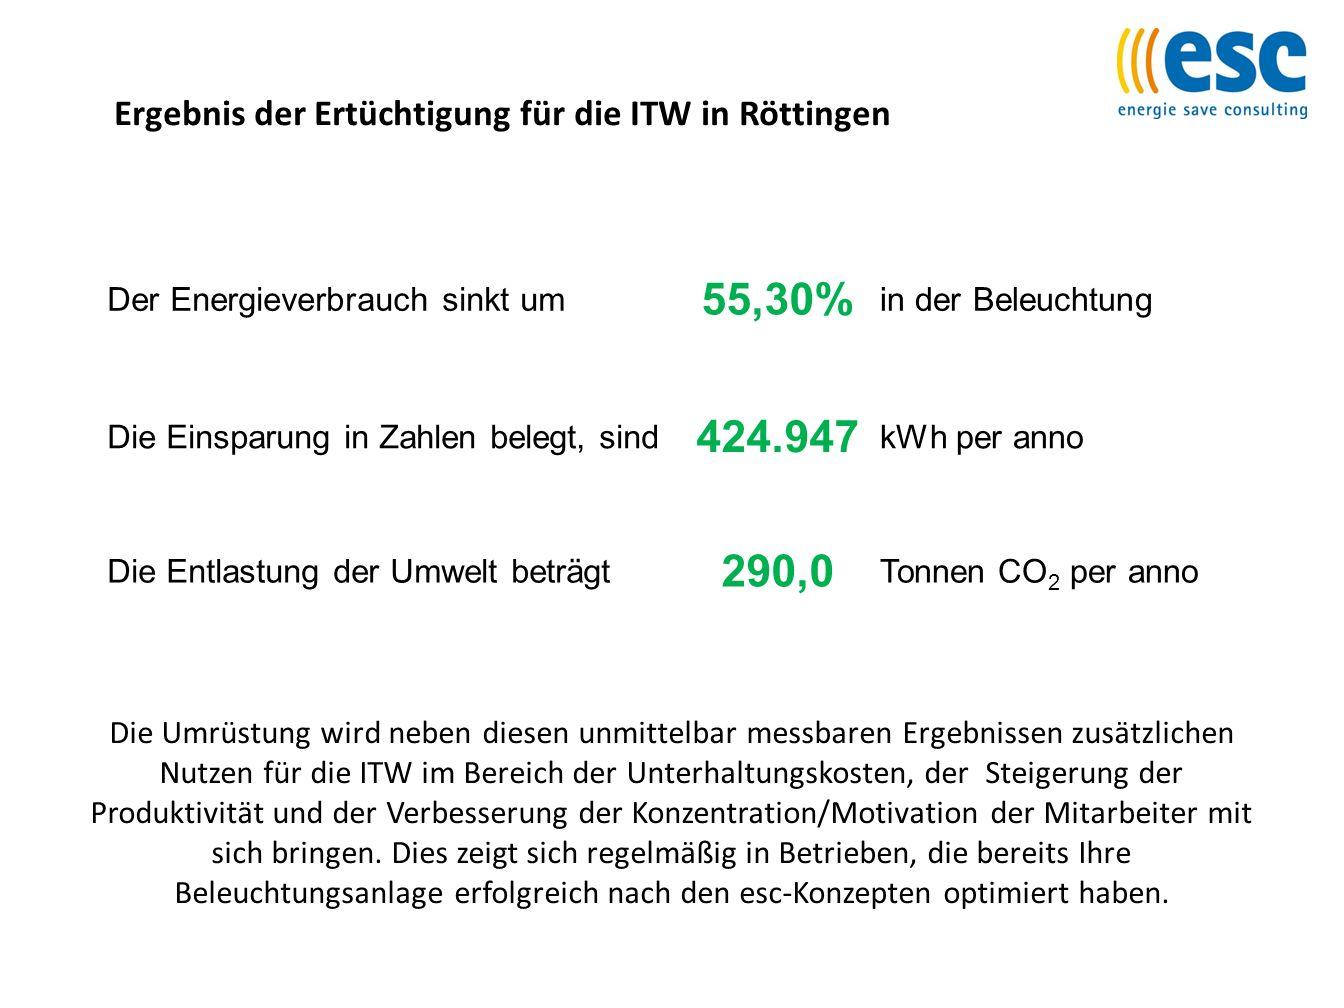 Ergebnis der Ertüchtigung für die ITW in Röttingen Die Umrüstung wird neben diesen unmittelbar messbaren Ergebnissen zusätzlichen Nutzen für die ITW i